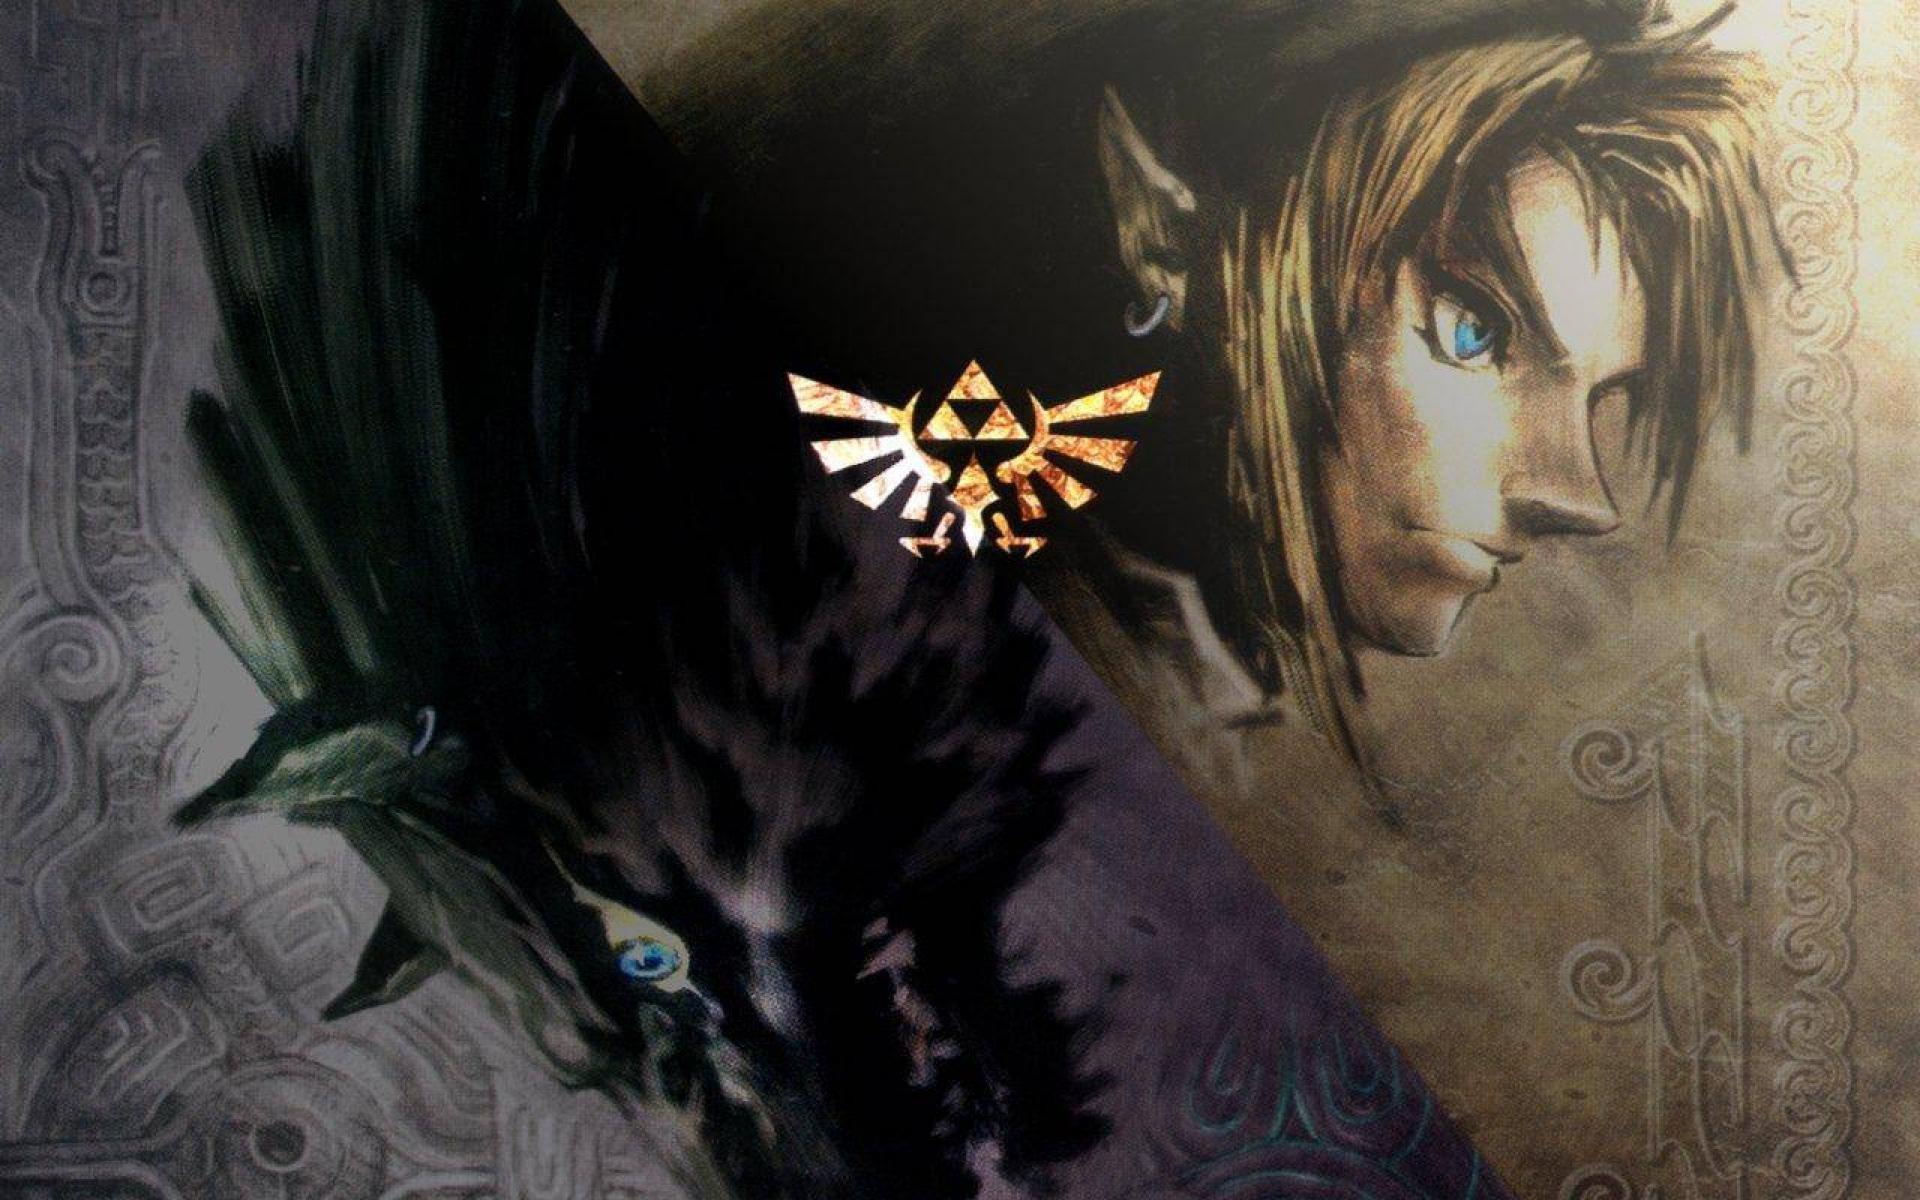 Wii twilight princess the legend of zelda wallpaper – (#23375 .